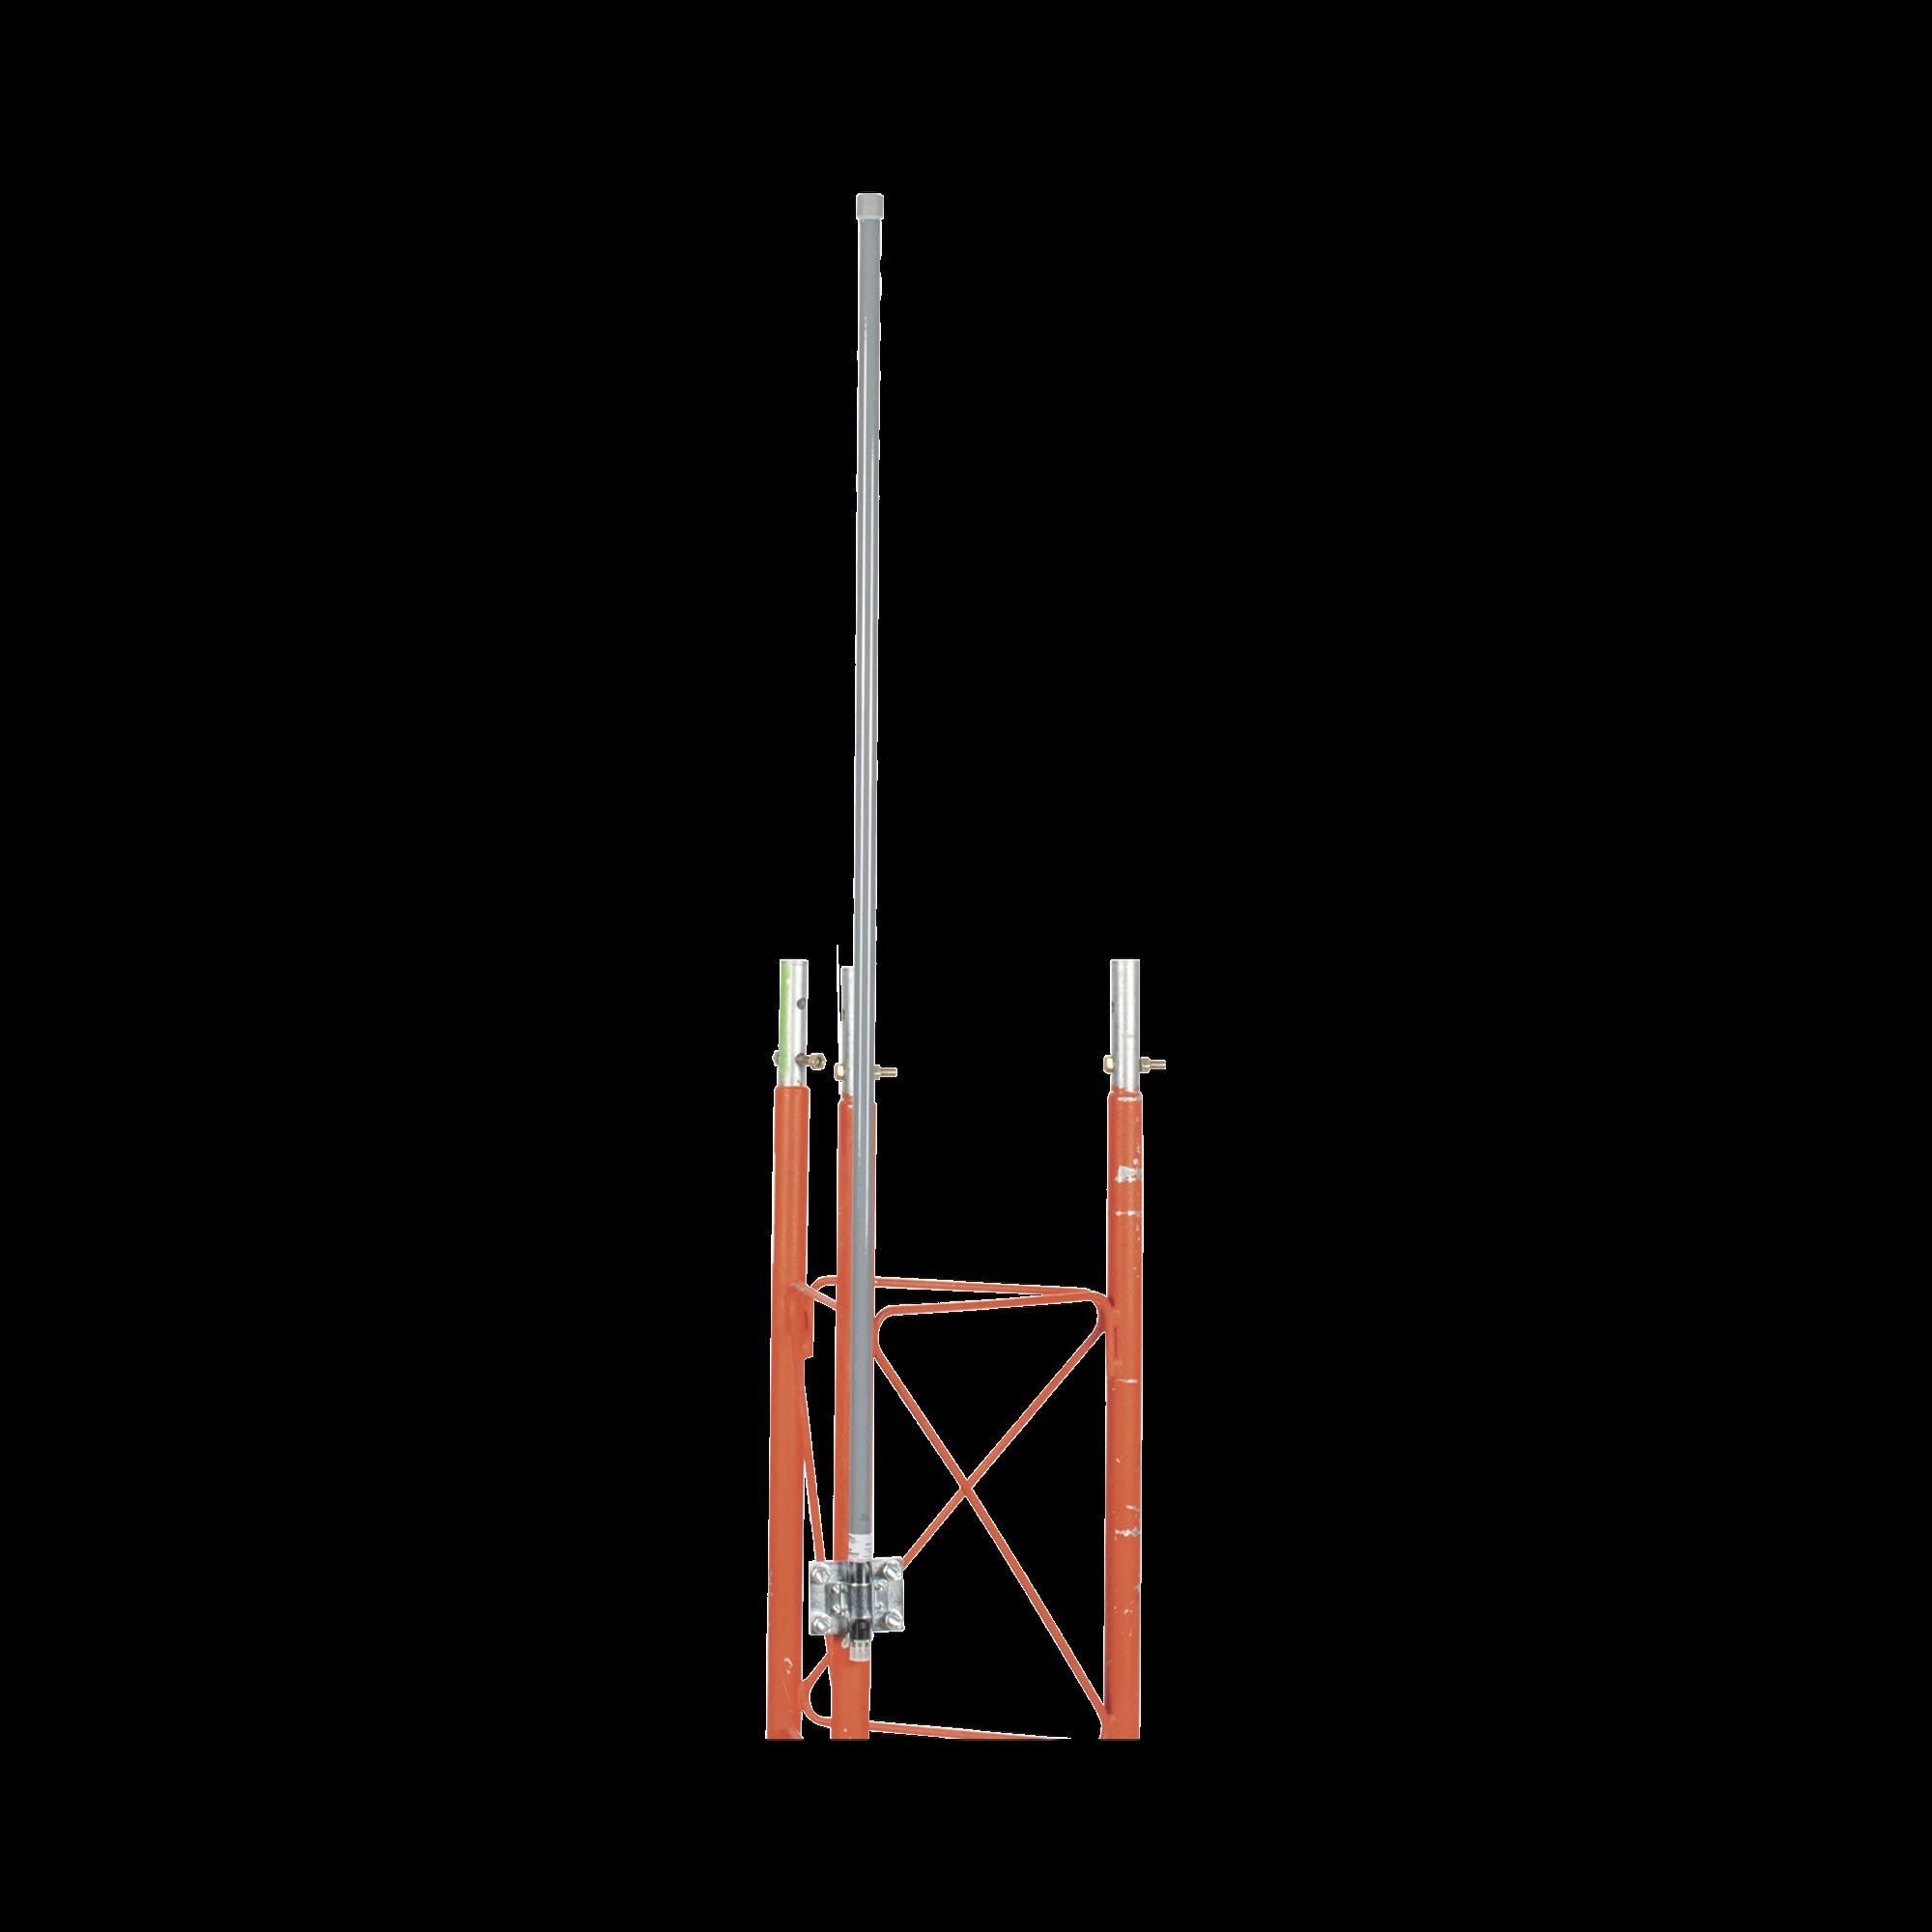 Antena omnidireccional de 2.4 GHz, Ganancia 12 dBi, dimensiones 3.8 x 1.5 cm , conector N-Hembra, con montaje incluido